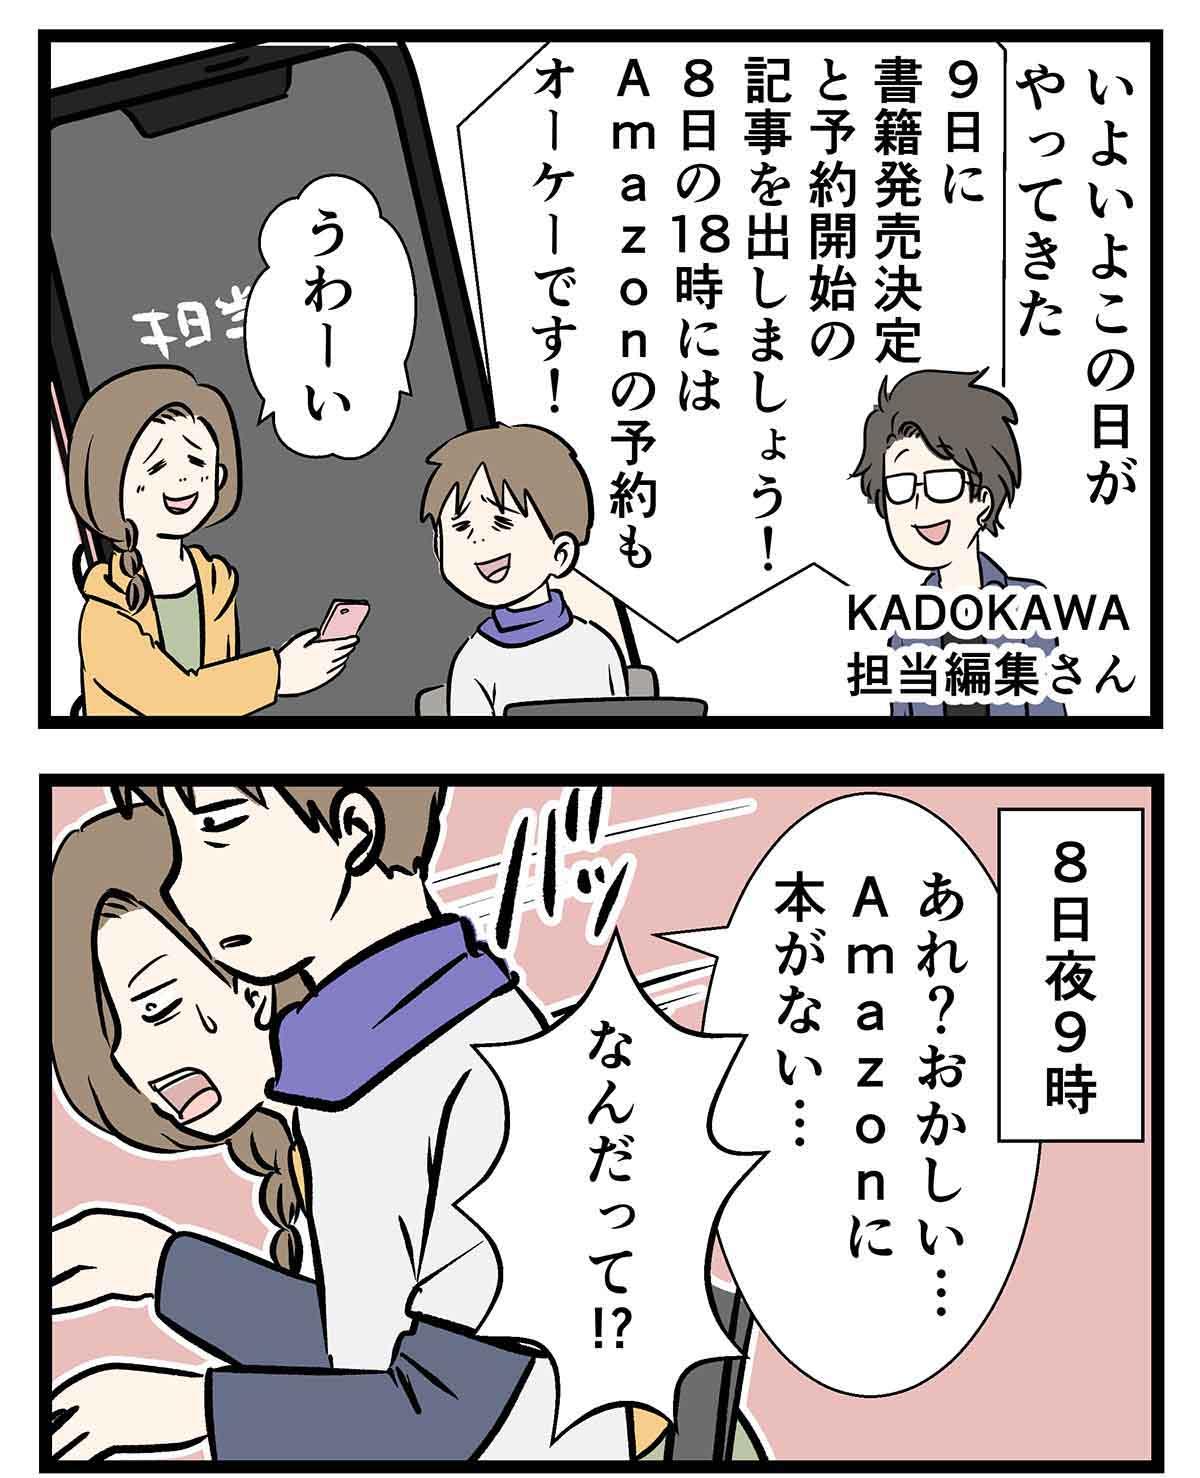 コ1333 (1)a